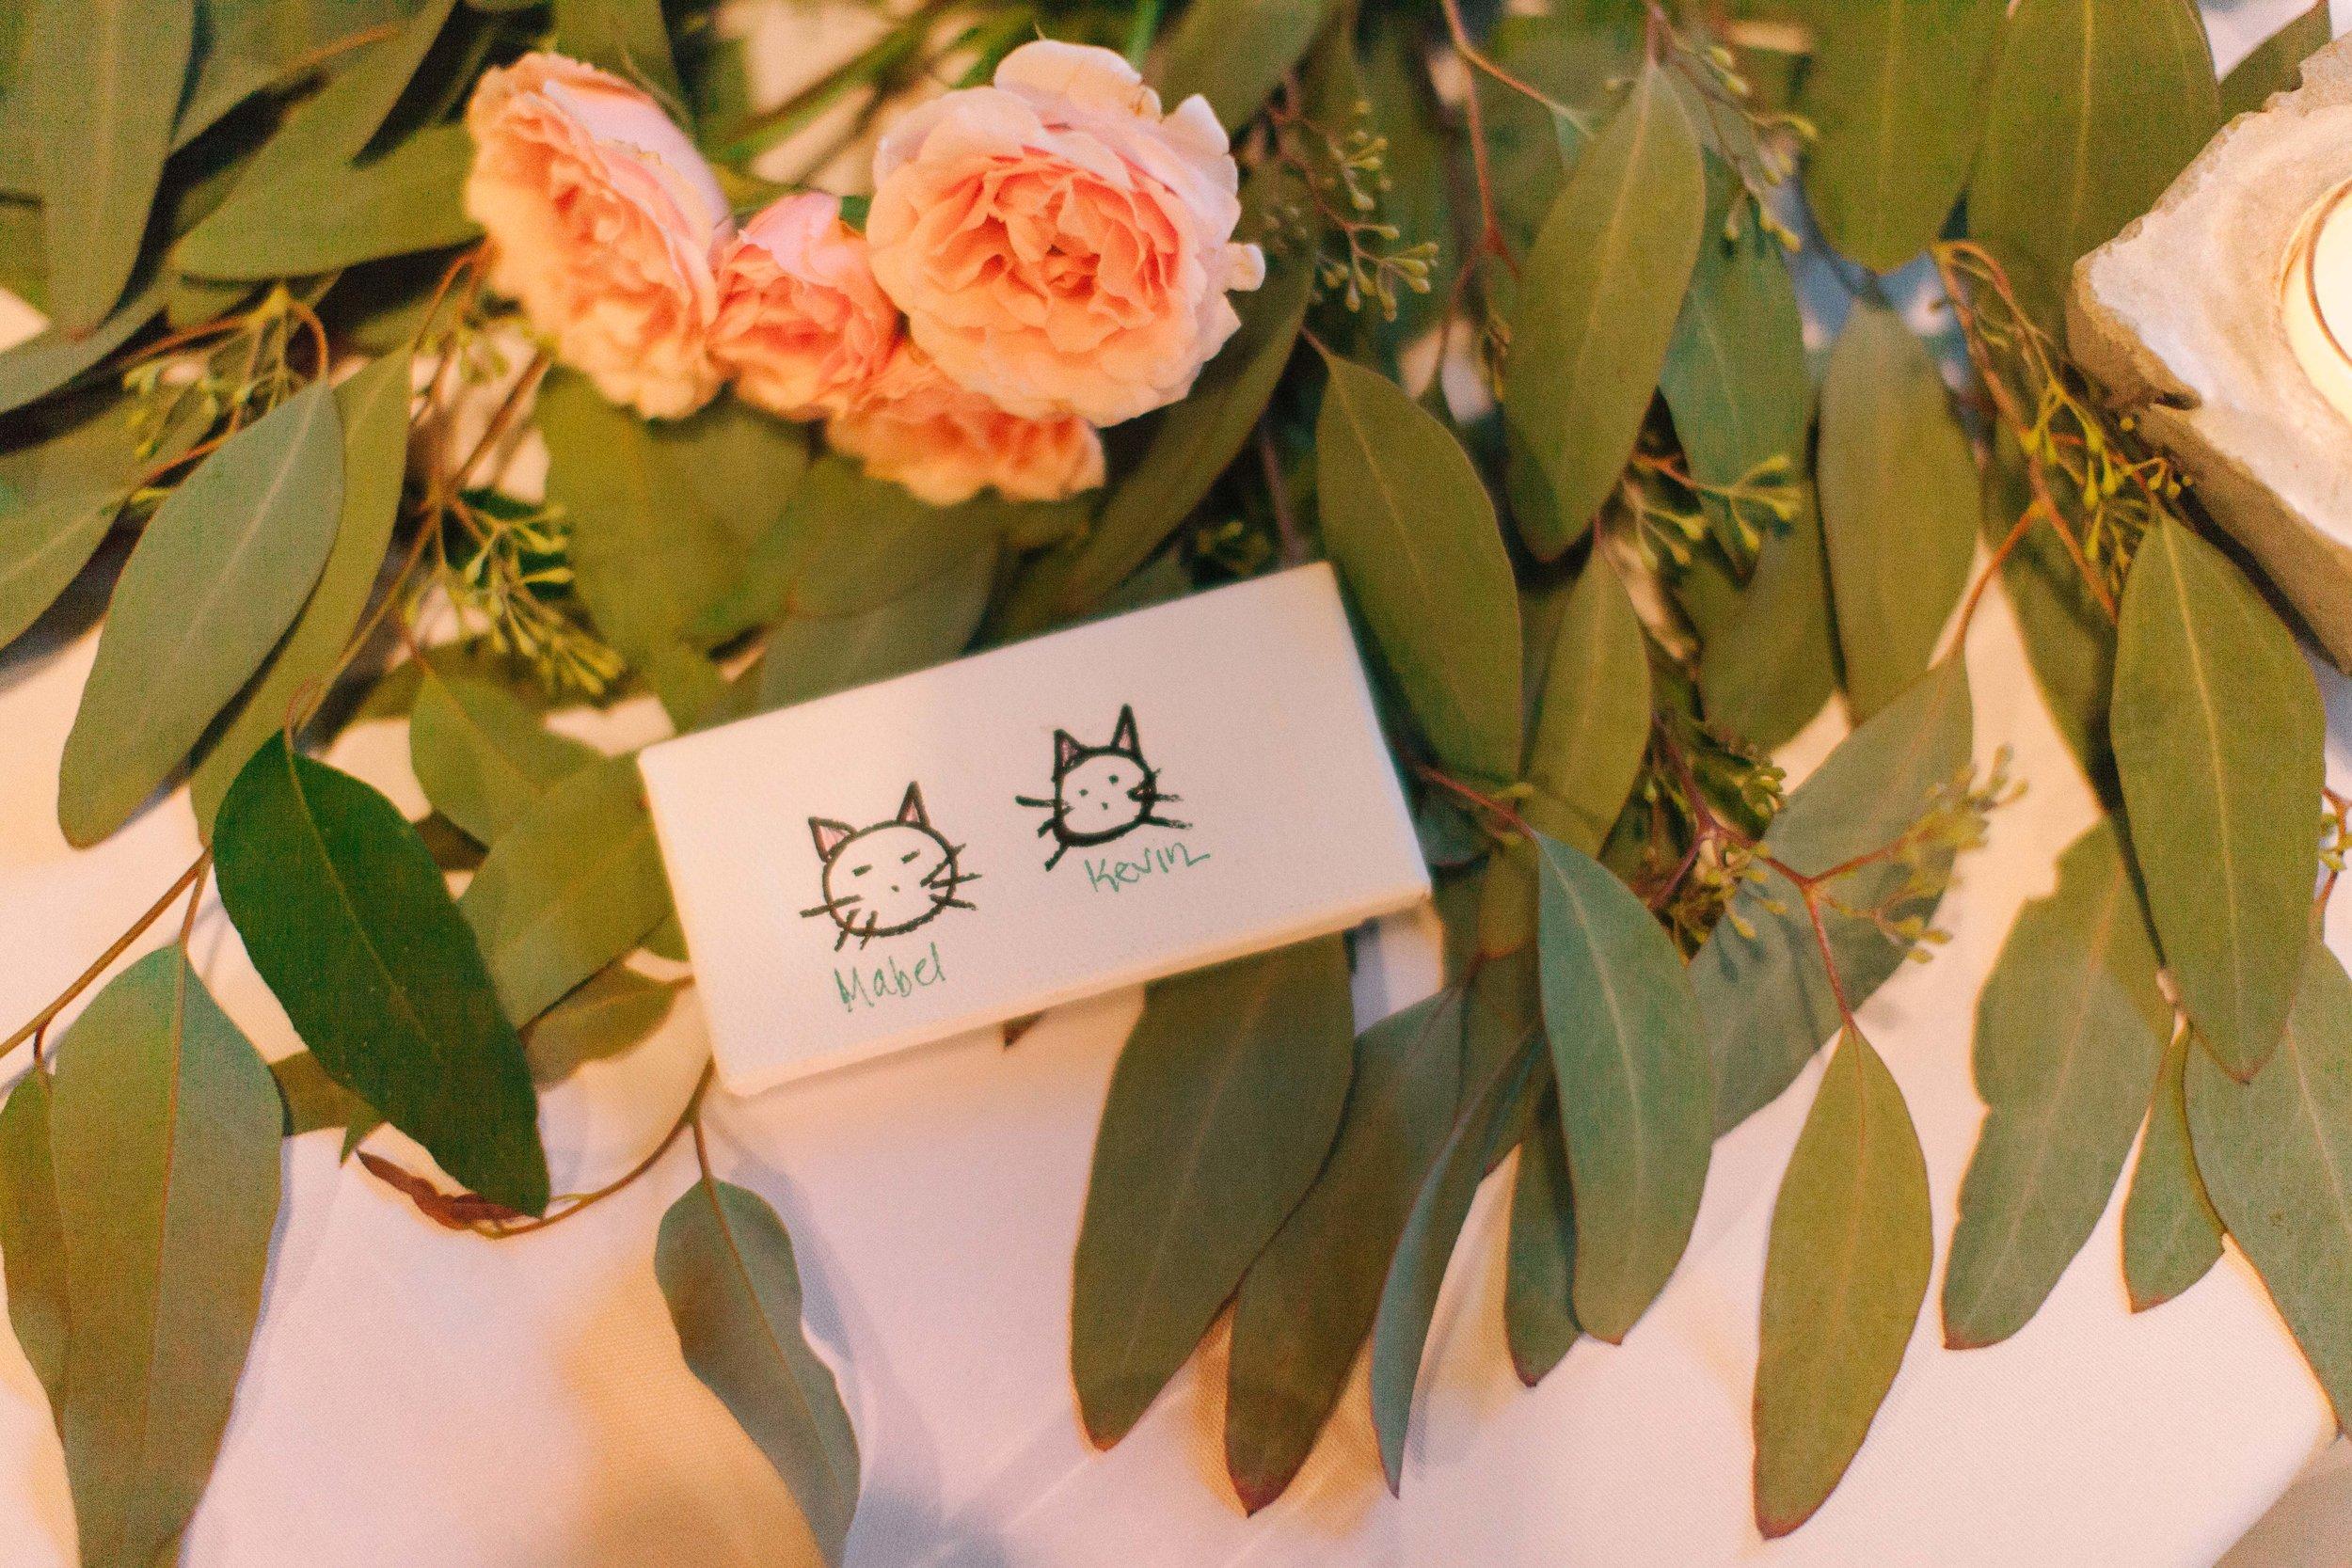 kateweinsteinphoto_clairewillie_wedding-618.jpg